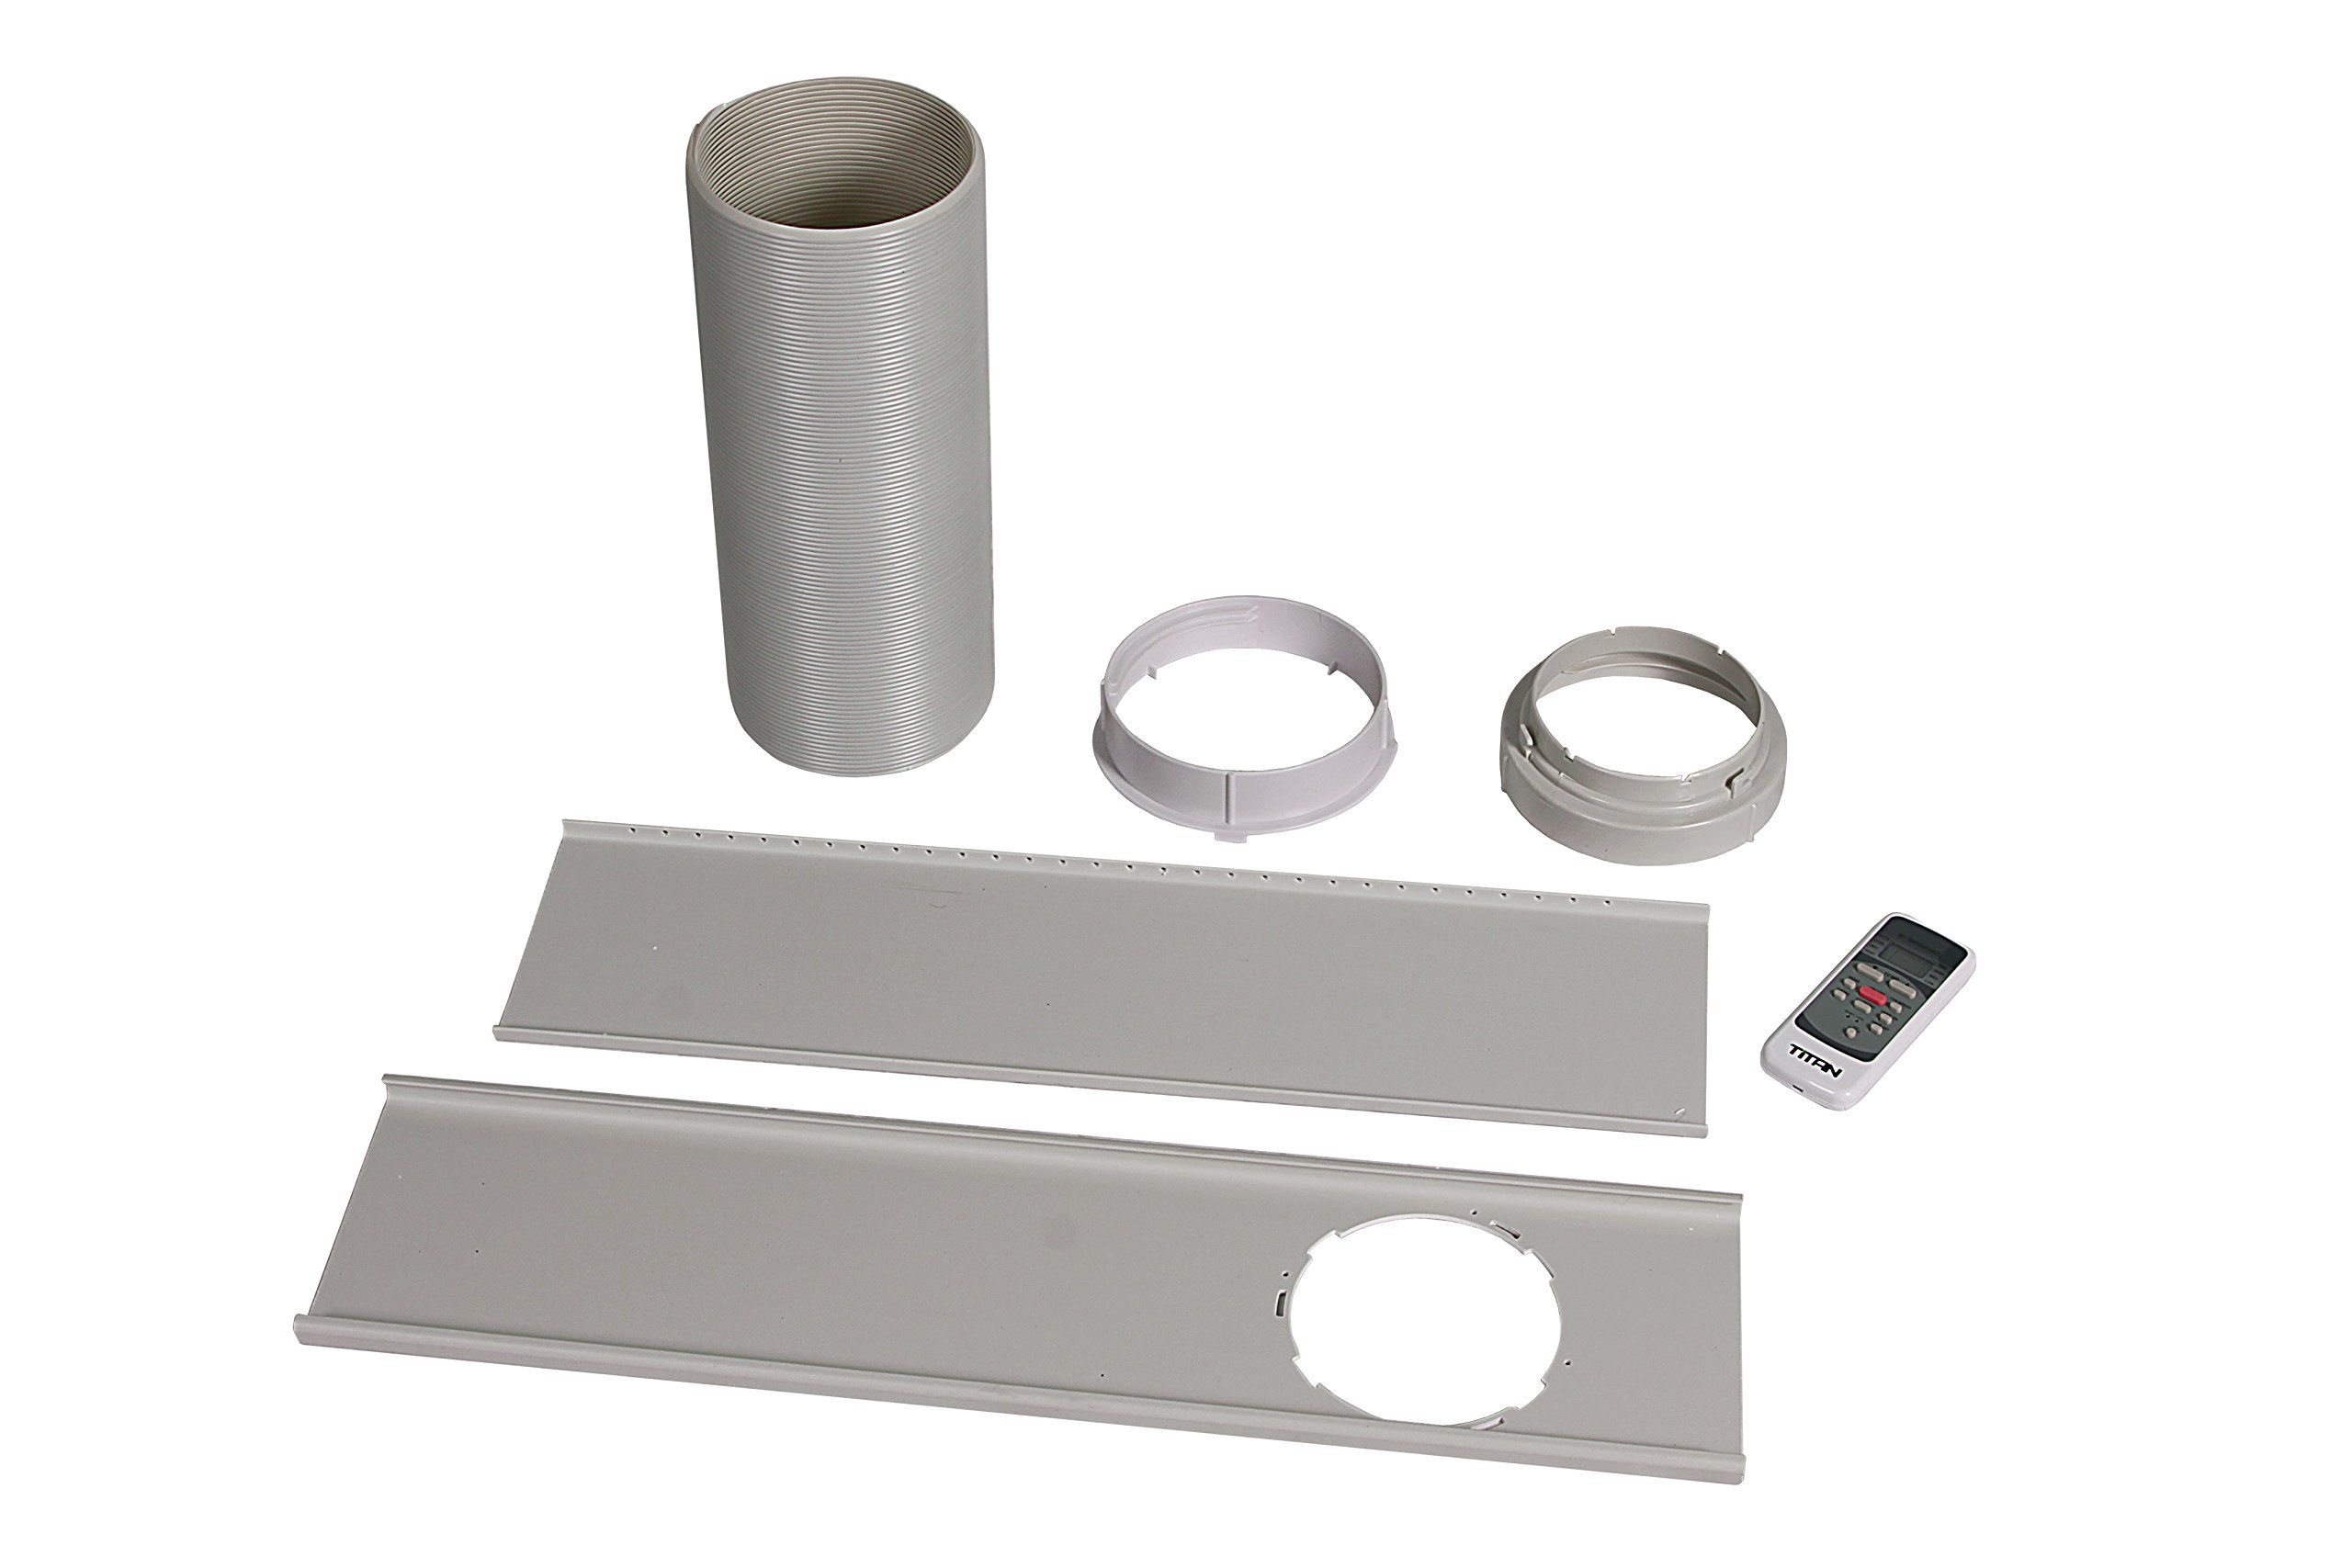 Titan Ttacp12c01 12000btu Portable Air Conditioner Want To Know More Click Portable Air Conditioner Air Conditioner With Heater Air Conditioner Maintenance